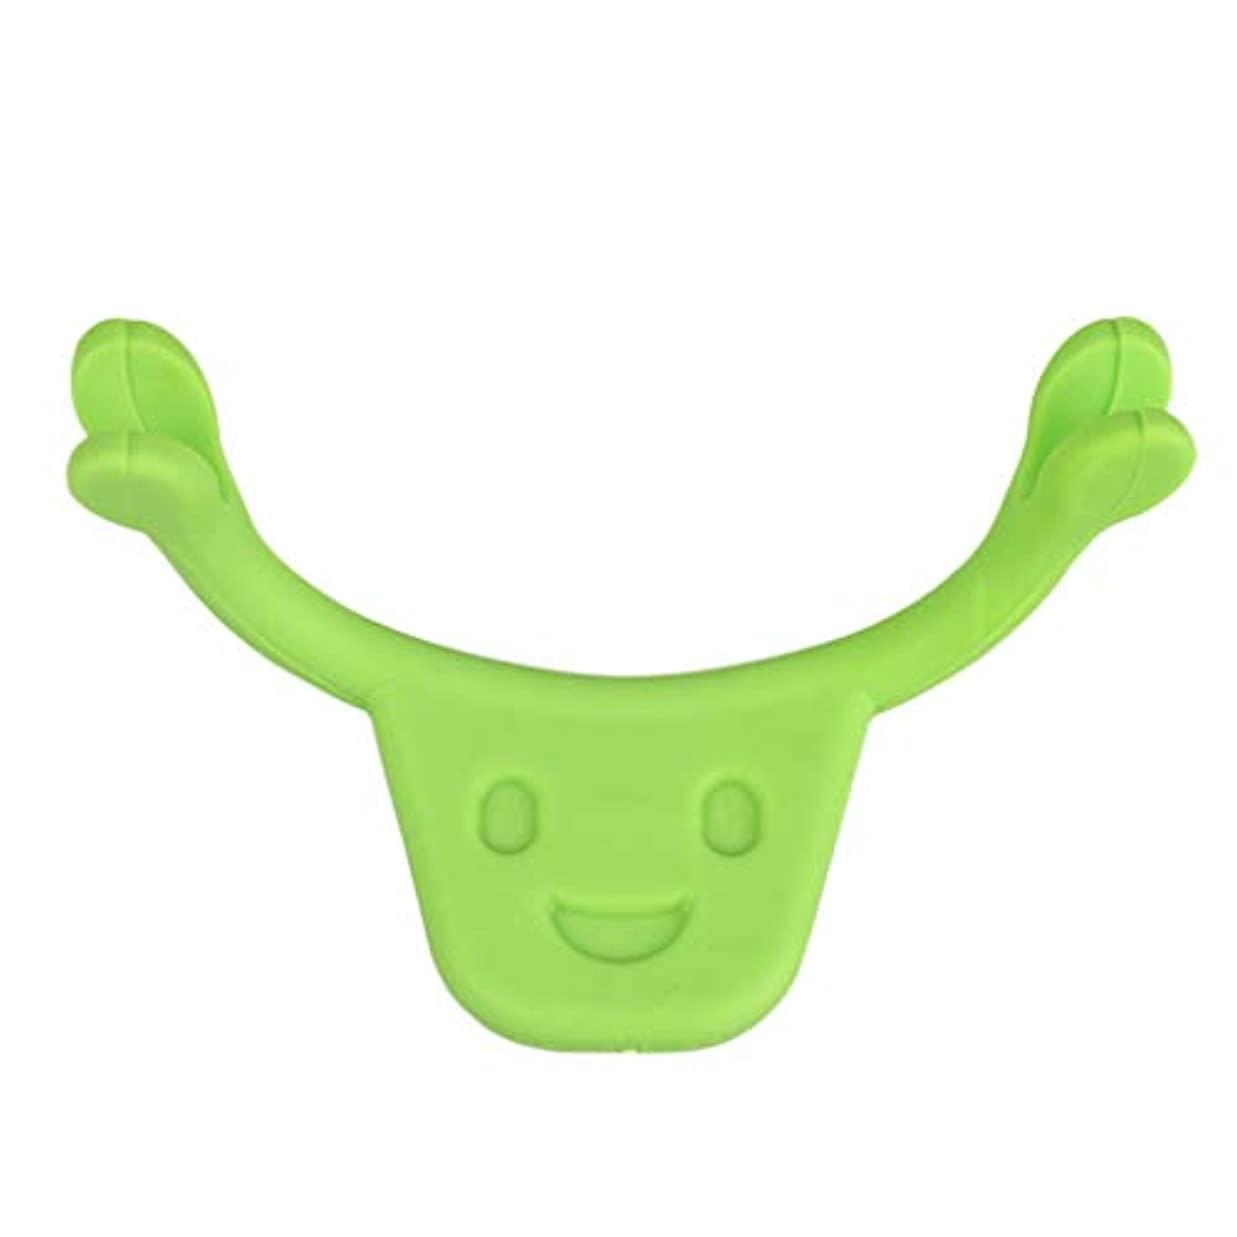 レタッチ学校の先生責F Fityle 表情筋 トレーニング 小顔 ストレッチ 口角を上げるグッズ 美顔 顔痩せ 二重 あご 消す 全2色 - 緑